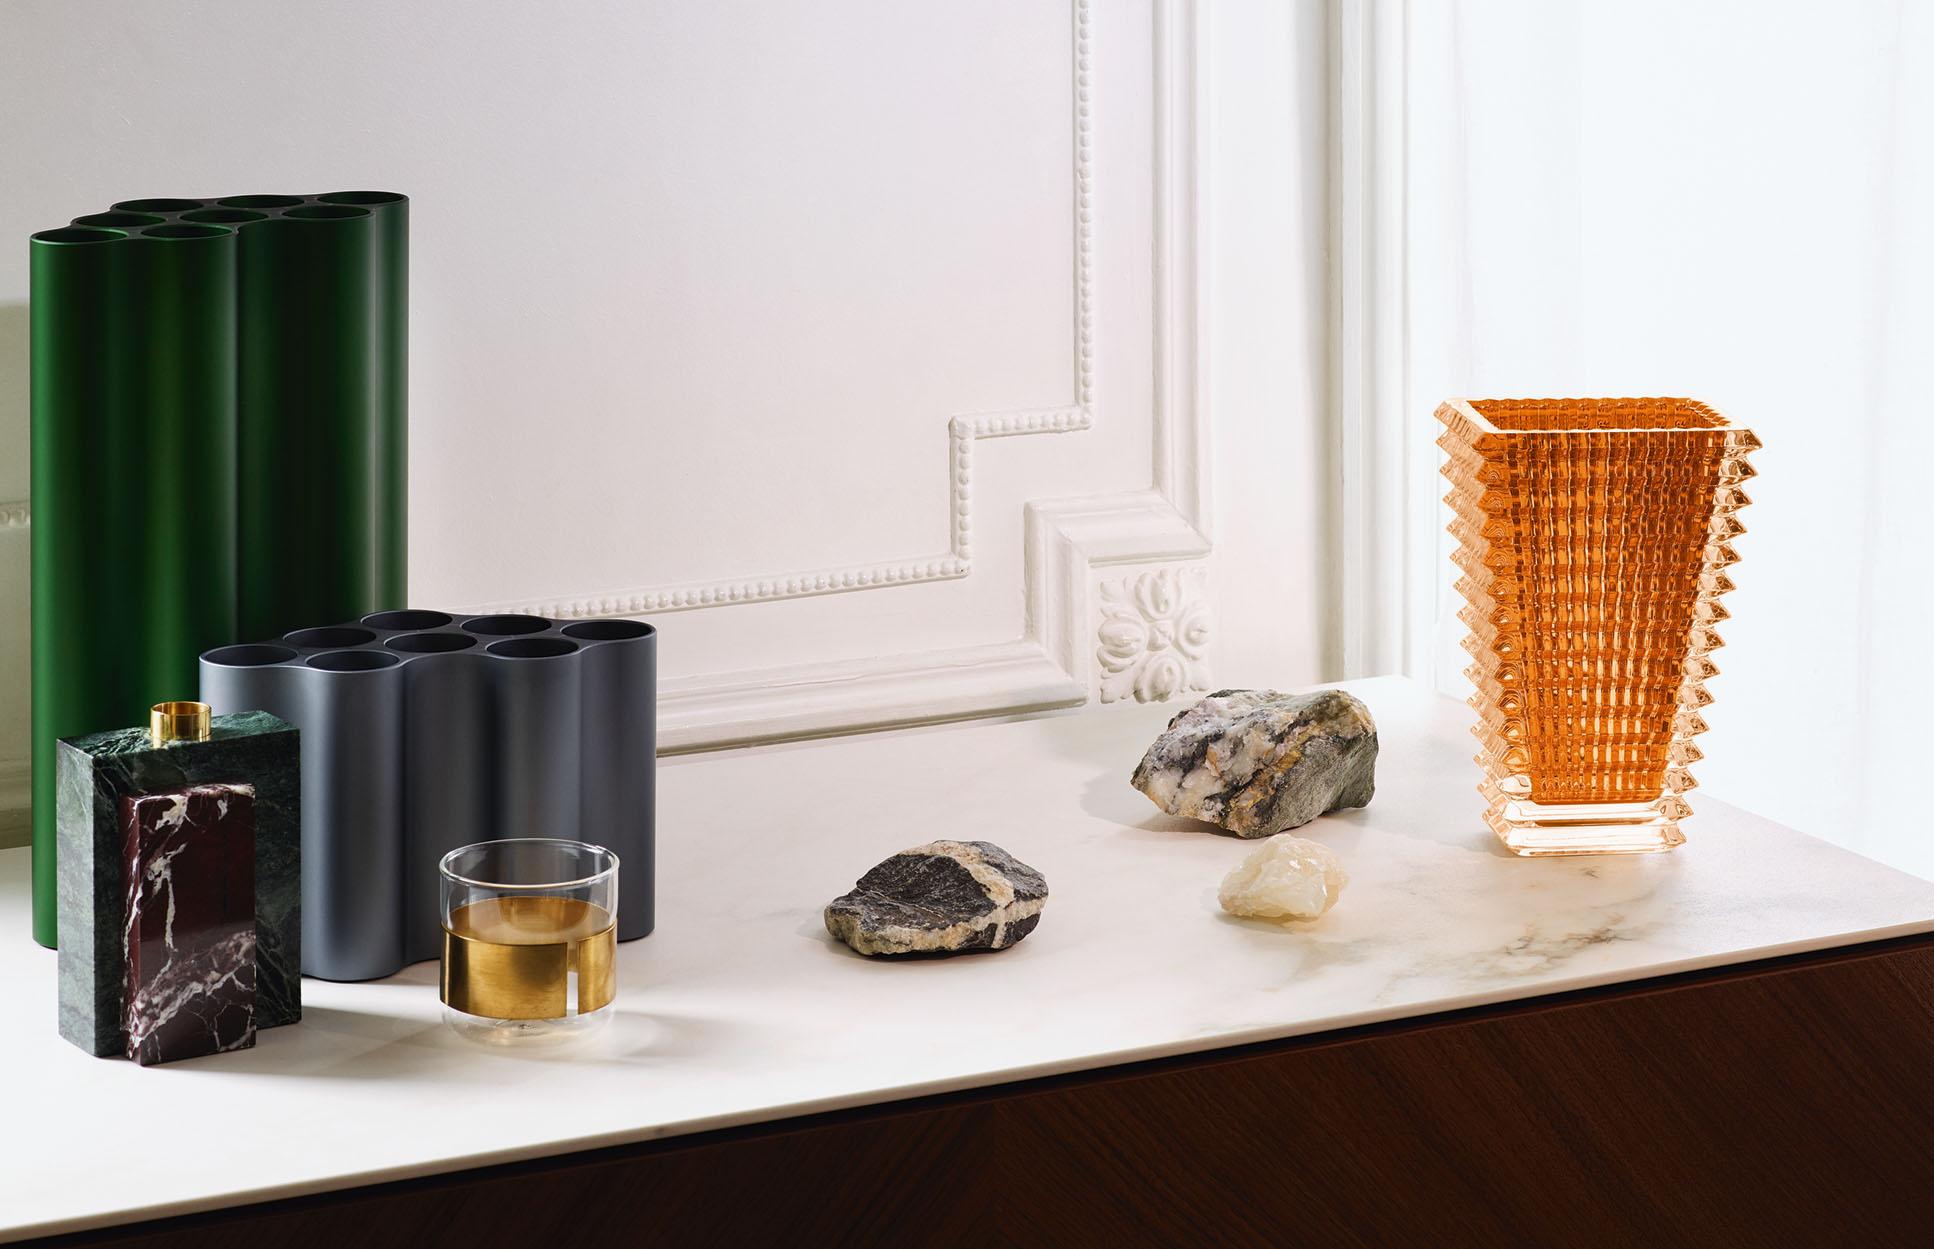 PRINTEMPS Catalogue Maison 2017 Déco Décoration Design Icône Mobilier Printemps Haussmann Baccarat Cinna AYTM Vitra Bouroullec